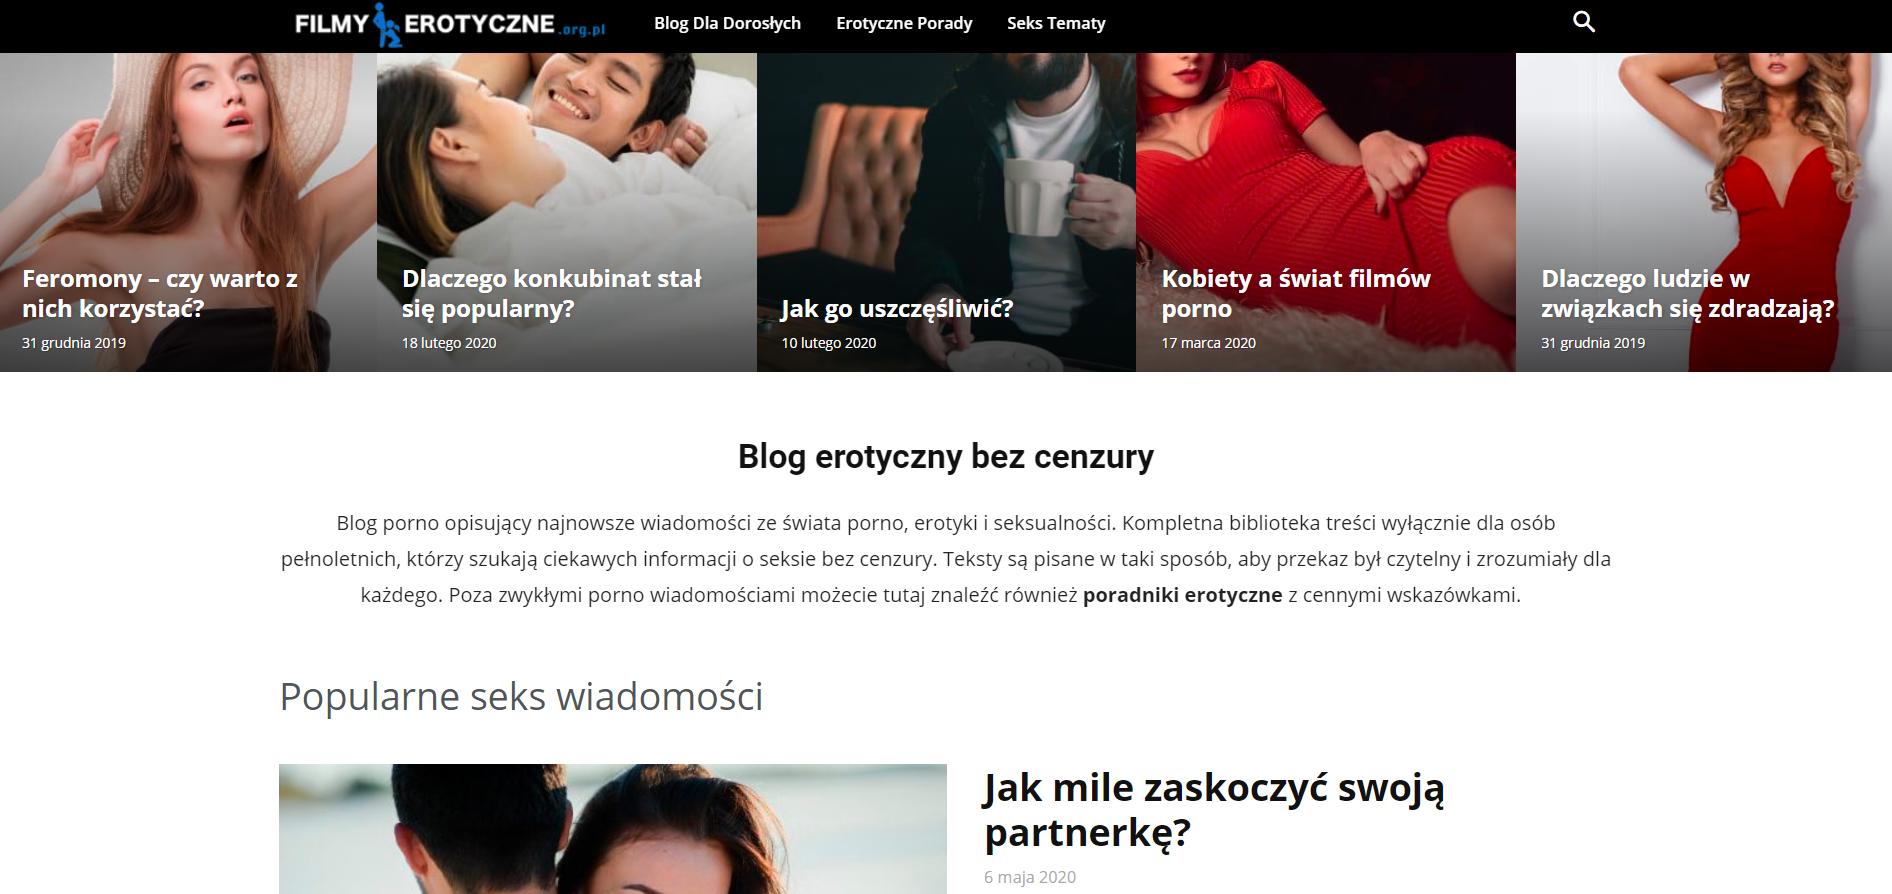 filmyerotyczne.org.pl